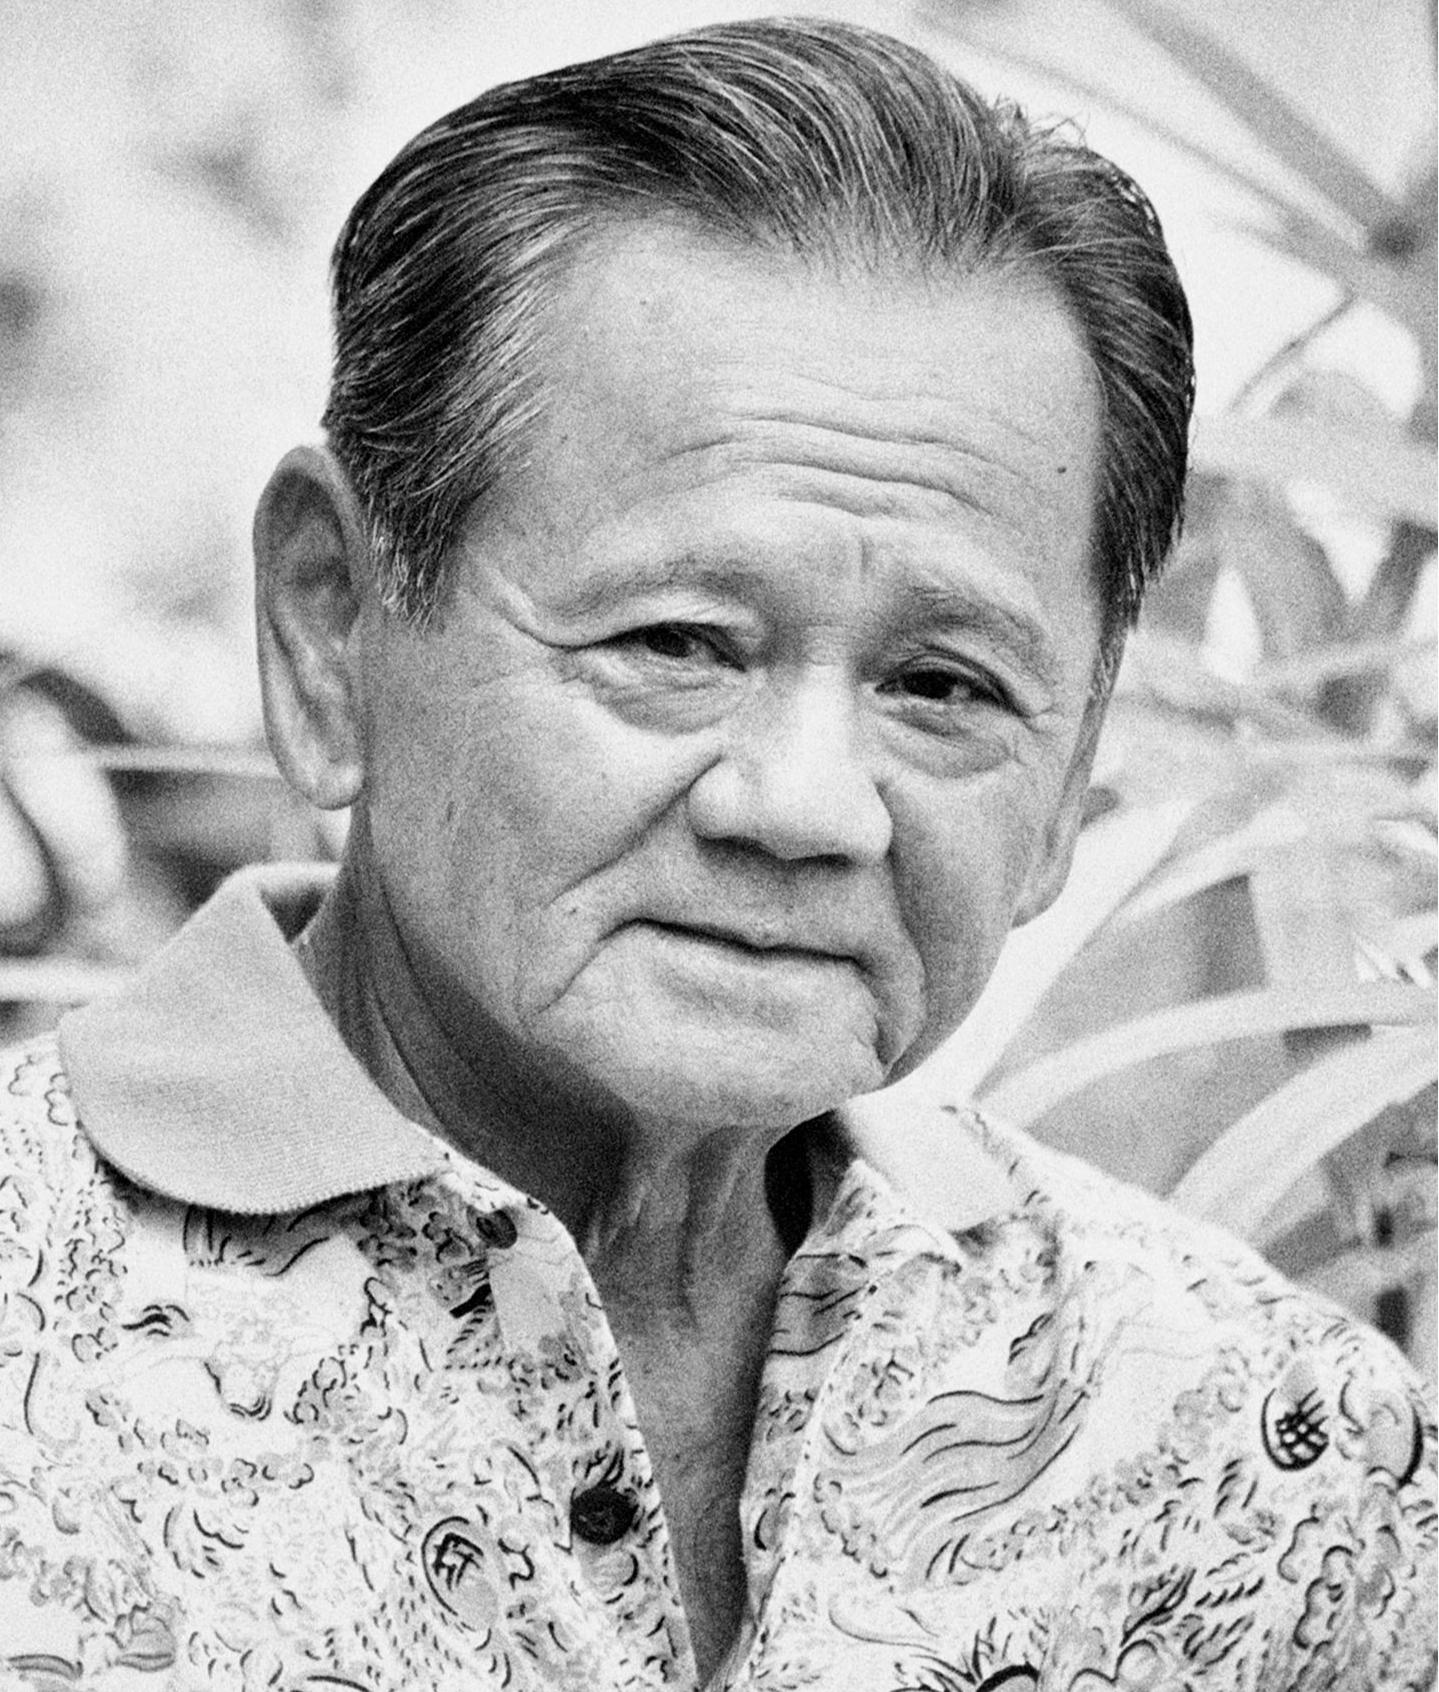 Herbert Masanori Tanahara